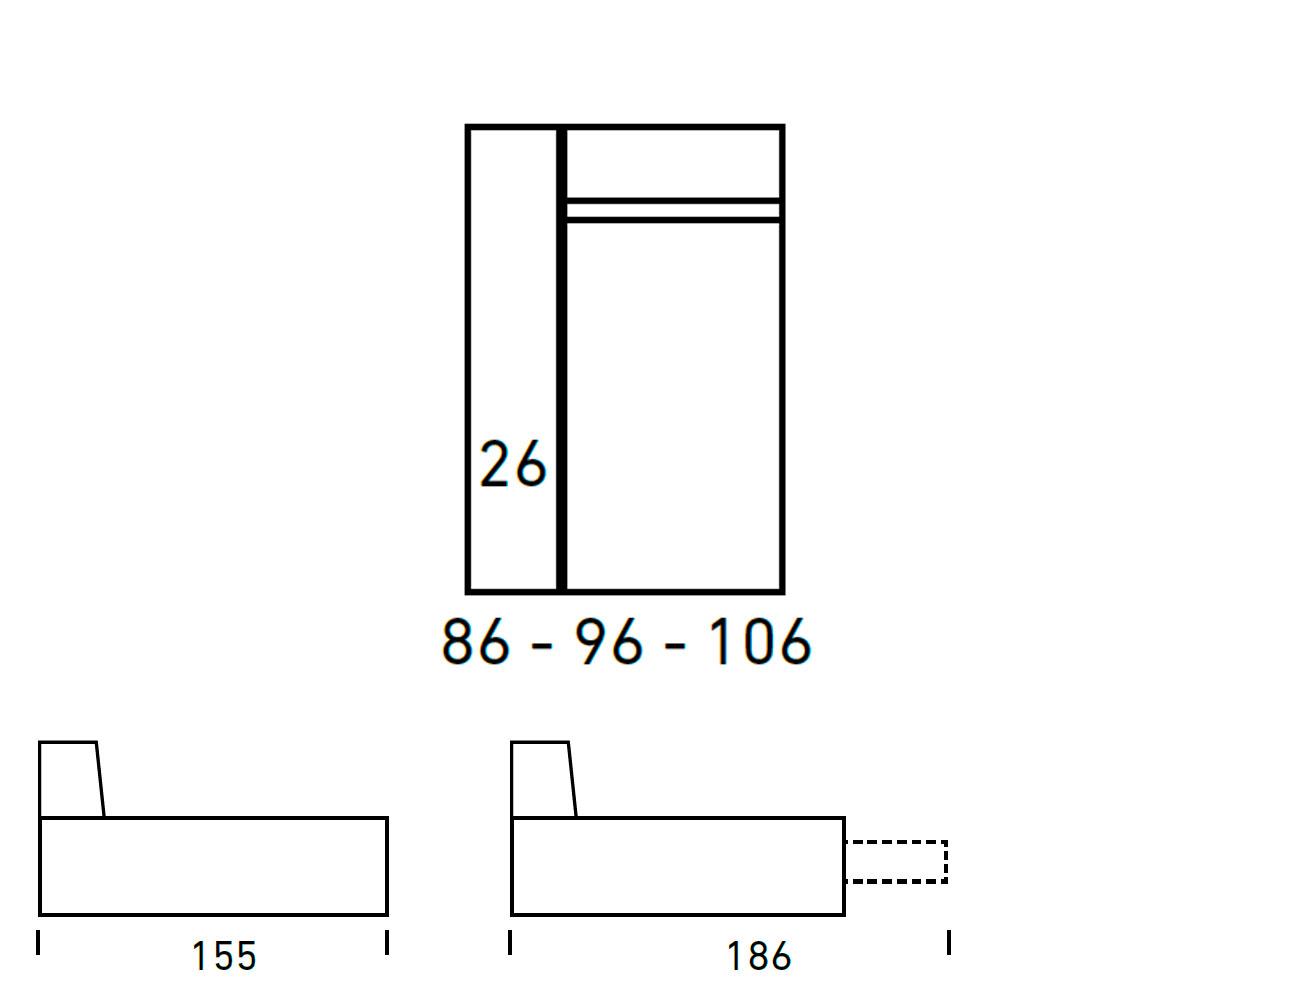 Croquis modulos chaiselongue 86 96 10625